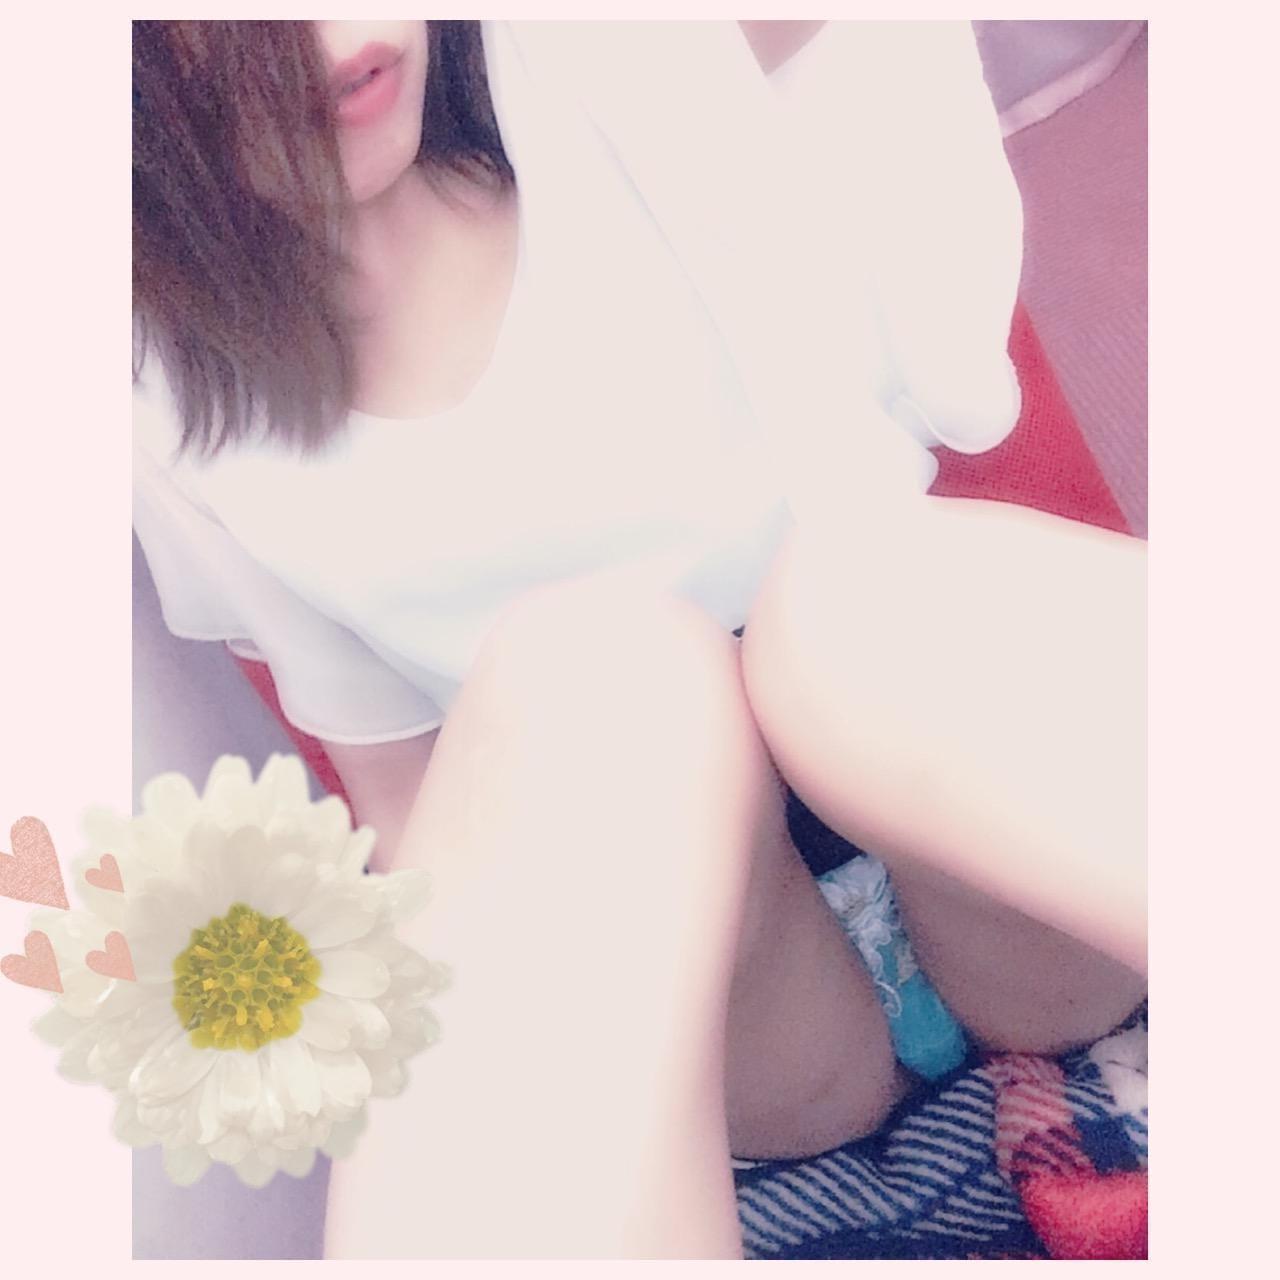 「こーんばんは」09/25(09/25) 18:19 | 広瀬みほの写メ・風俗動画